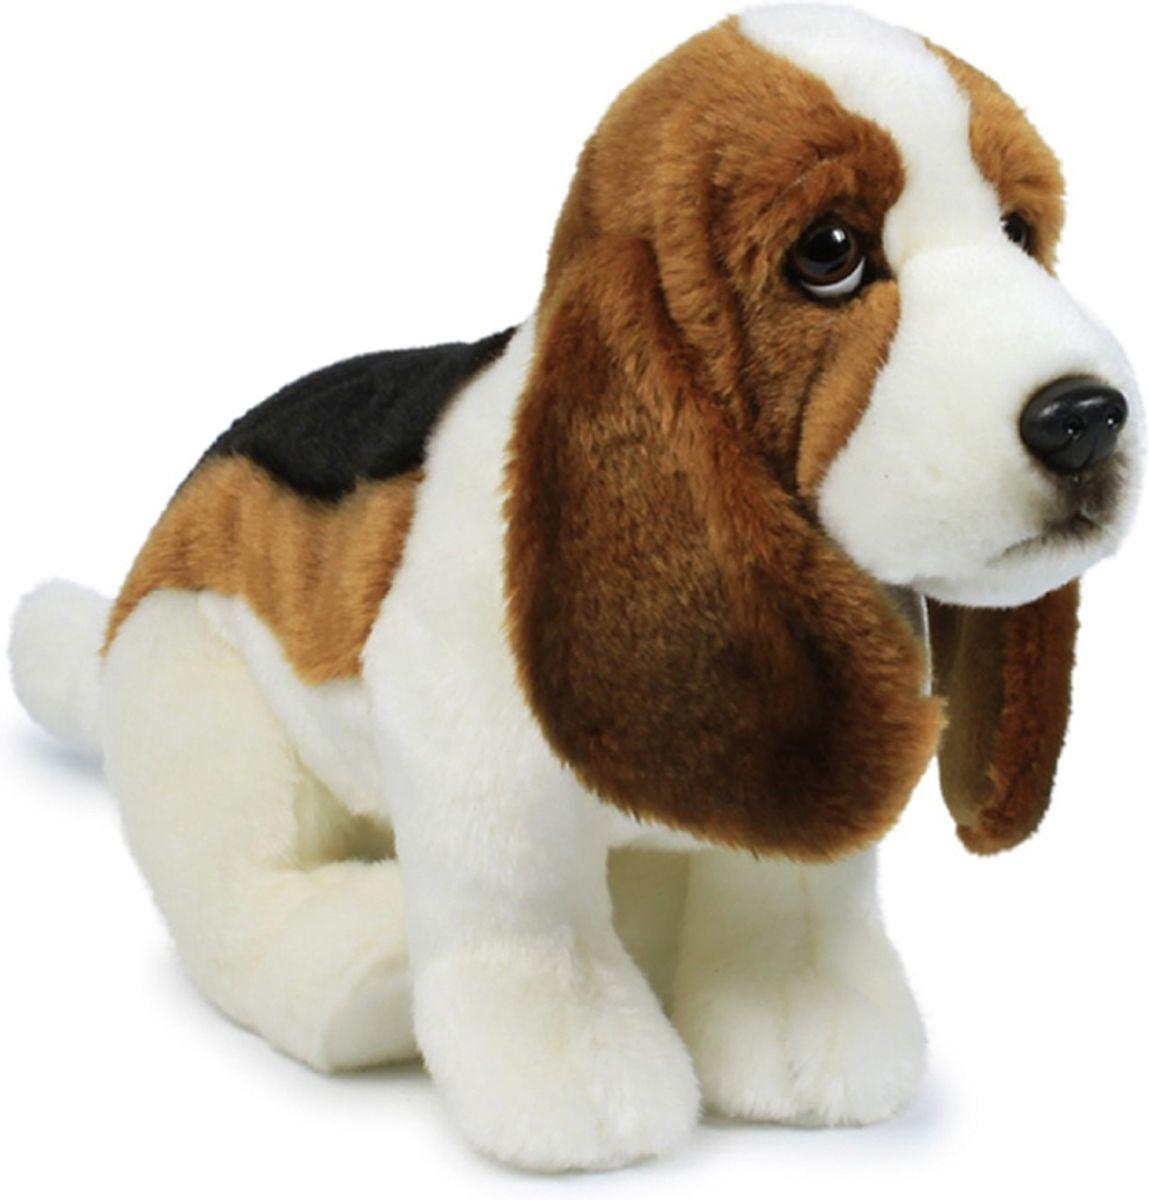 Anna Club Plush Мягкая игрушка Бассет-хаунд 30 см anna club plush мягкая игрушка кот сибирский серый 25 см